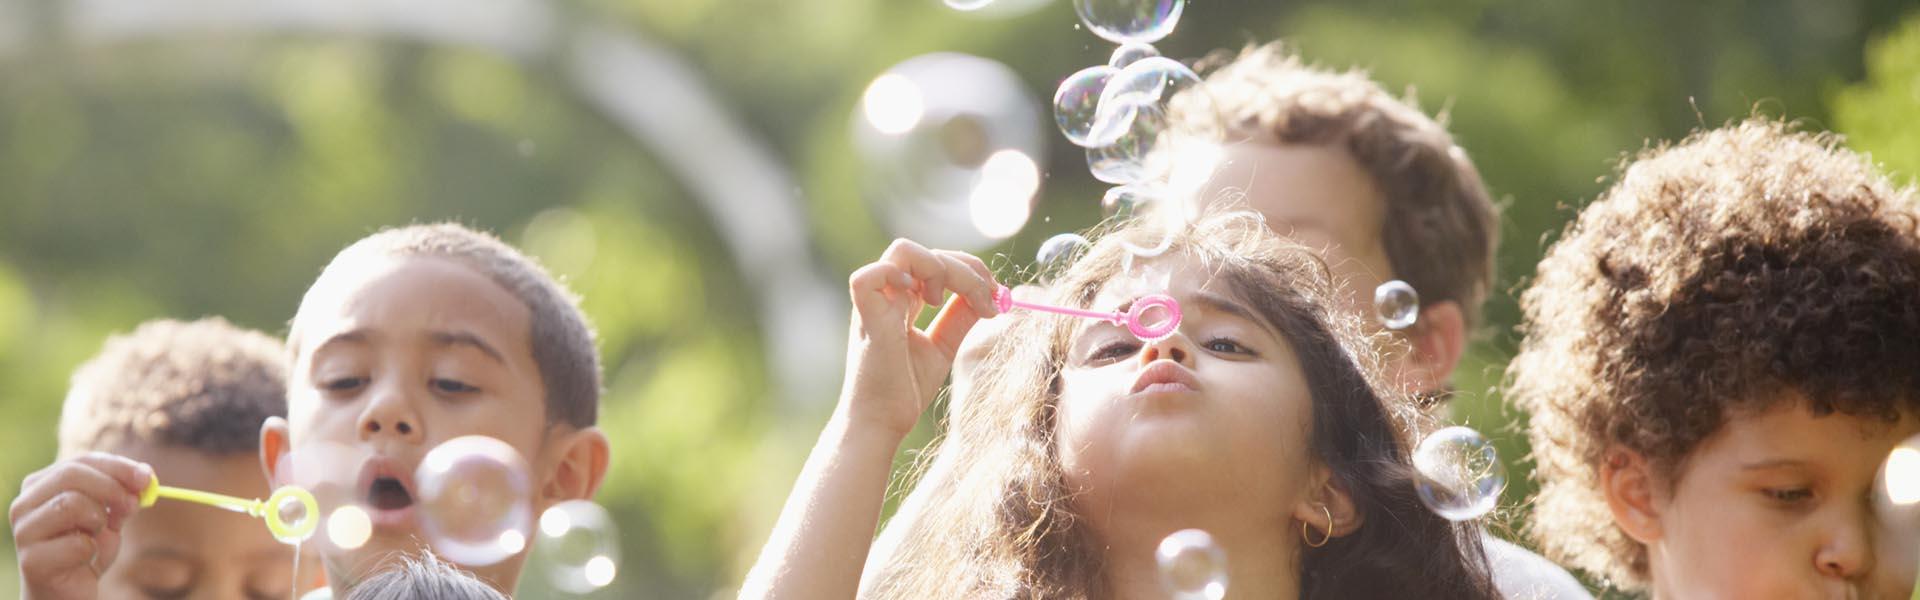 Children blowing bubbles.